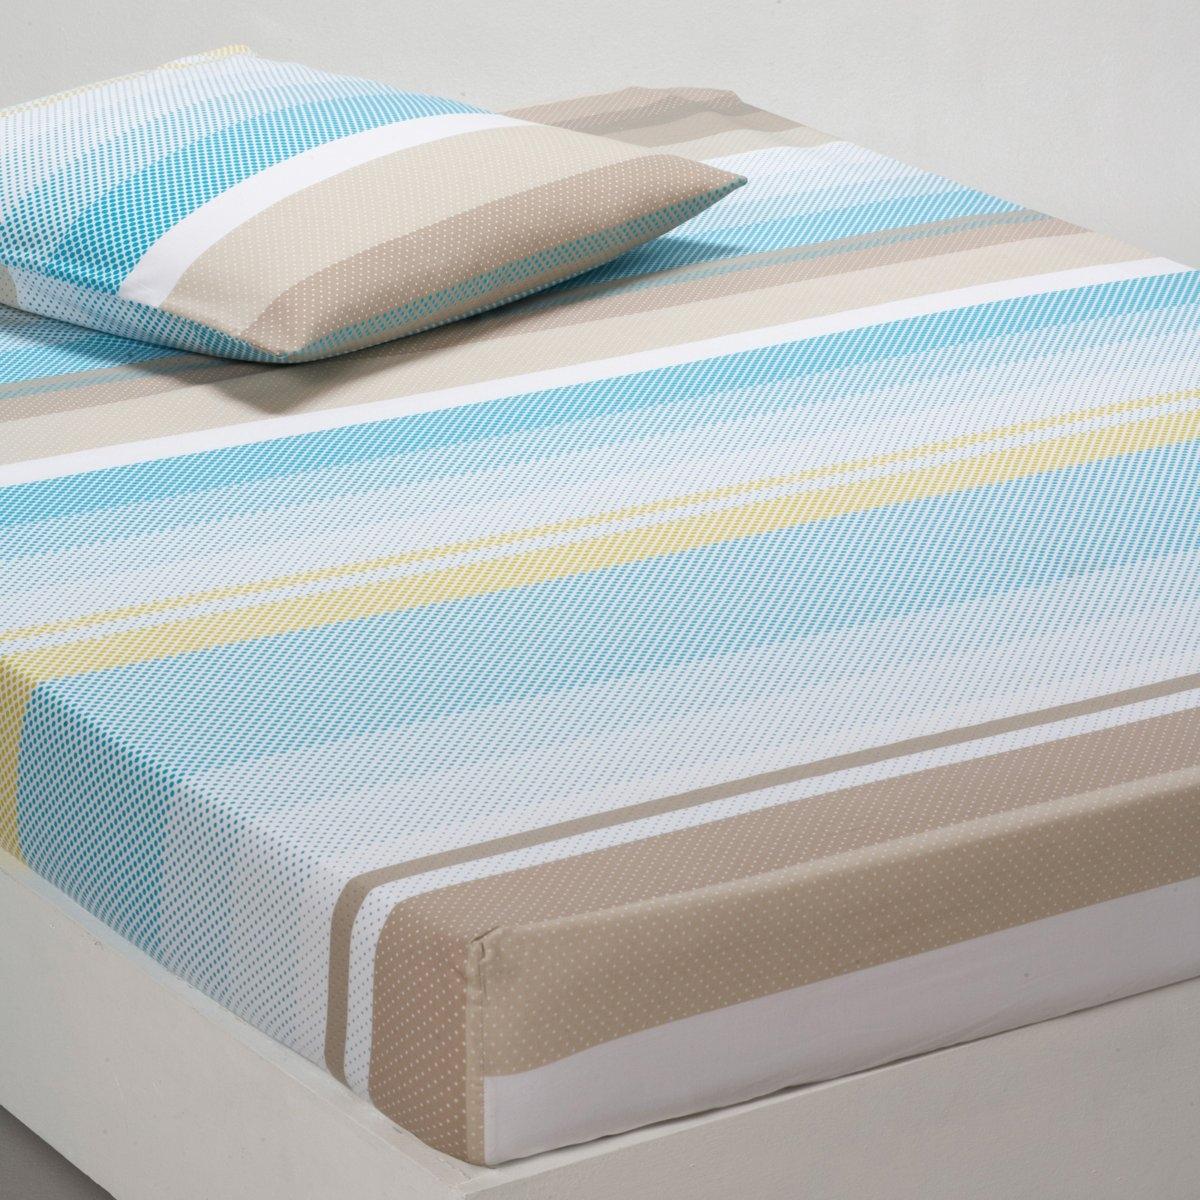 Натяжная простыня УвиаКачество VALEUR S?RE за качественный материал с плотным переплетением нитей (57 нитей/см?). Красивое сочетание цветов и пиксельный рисунок! 100% хлопка. Стирка при 60°. Цвет: синий. Размеры:  90 x 190 см : 1-сп. 140 x 190 см : 2-сп. 160 x 200 см : 2-сп.<br><br>Цвет: синий/серый/анис/белый